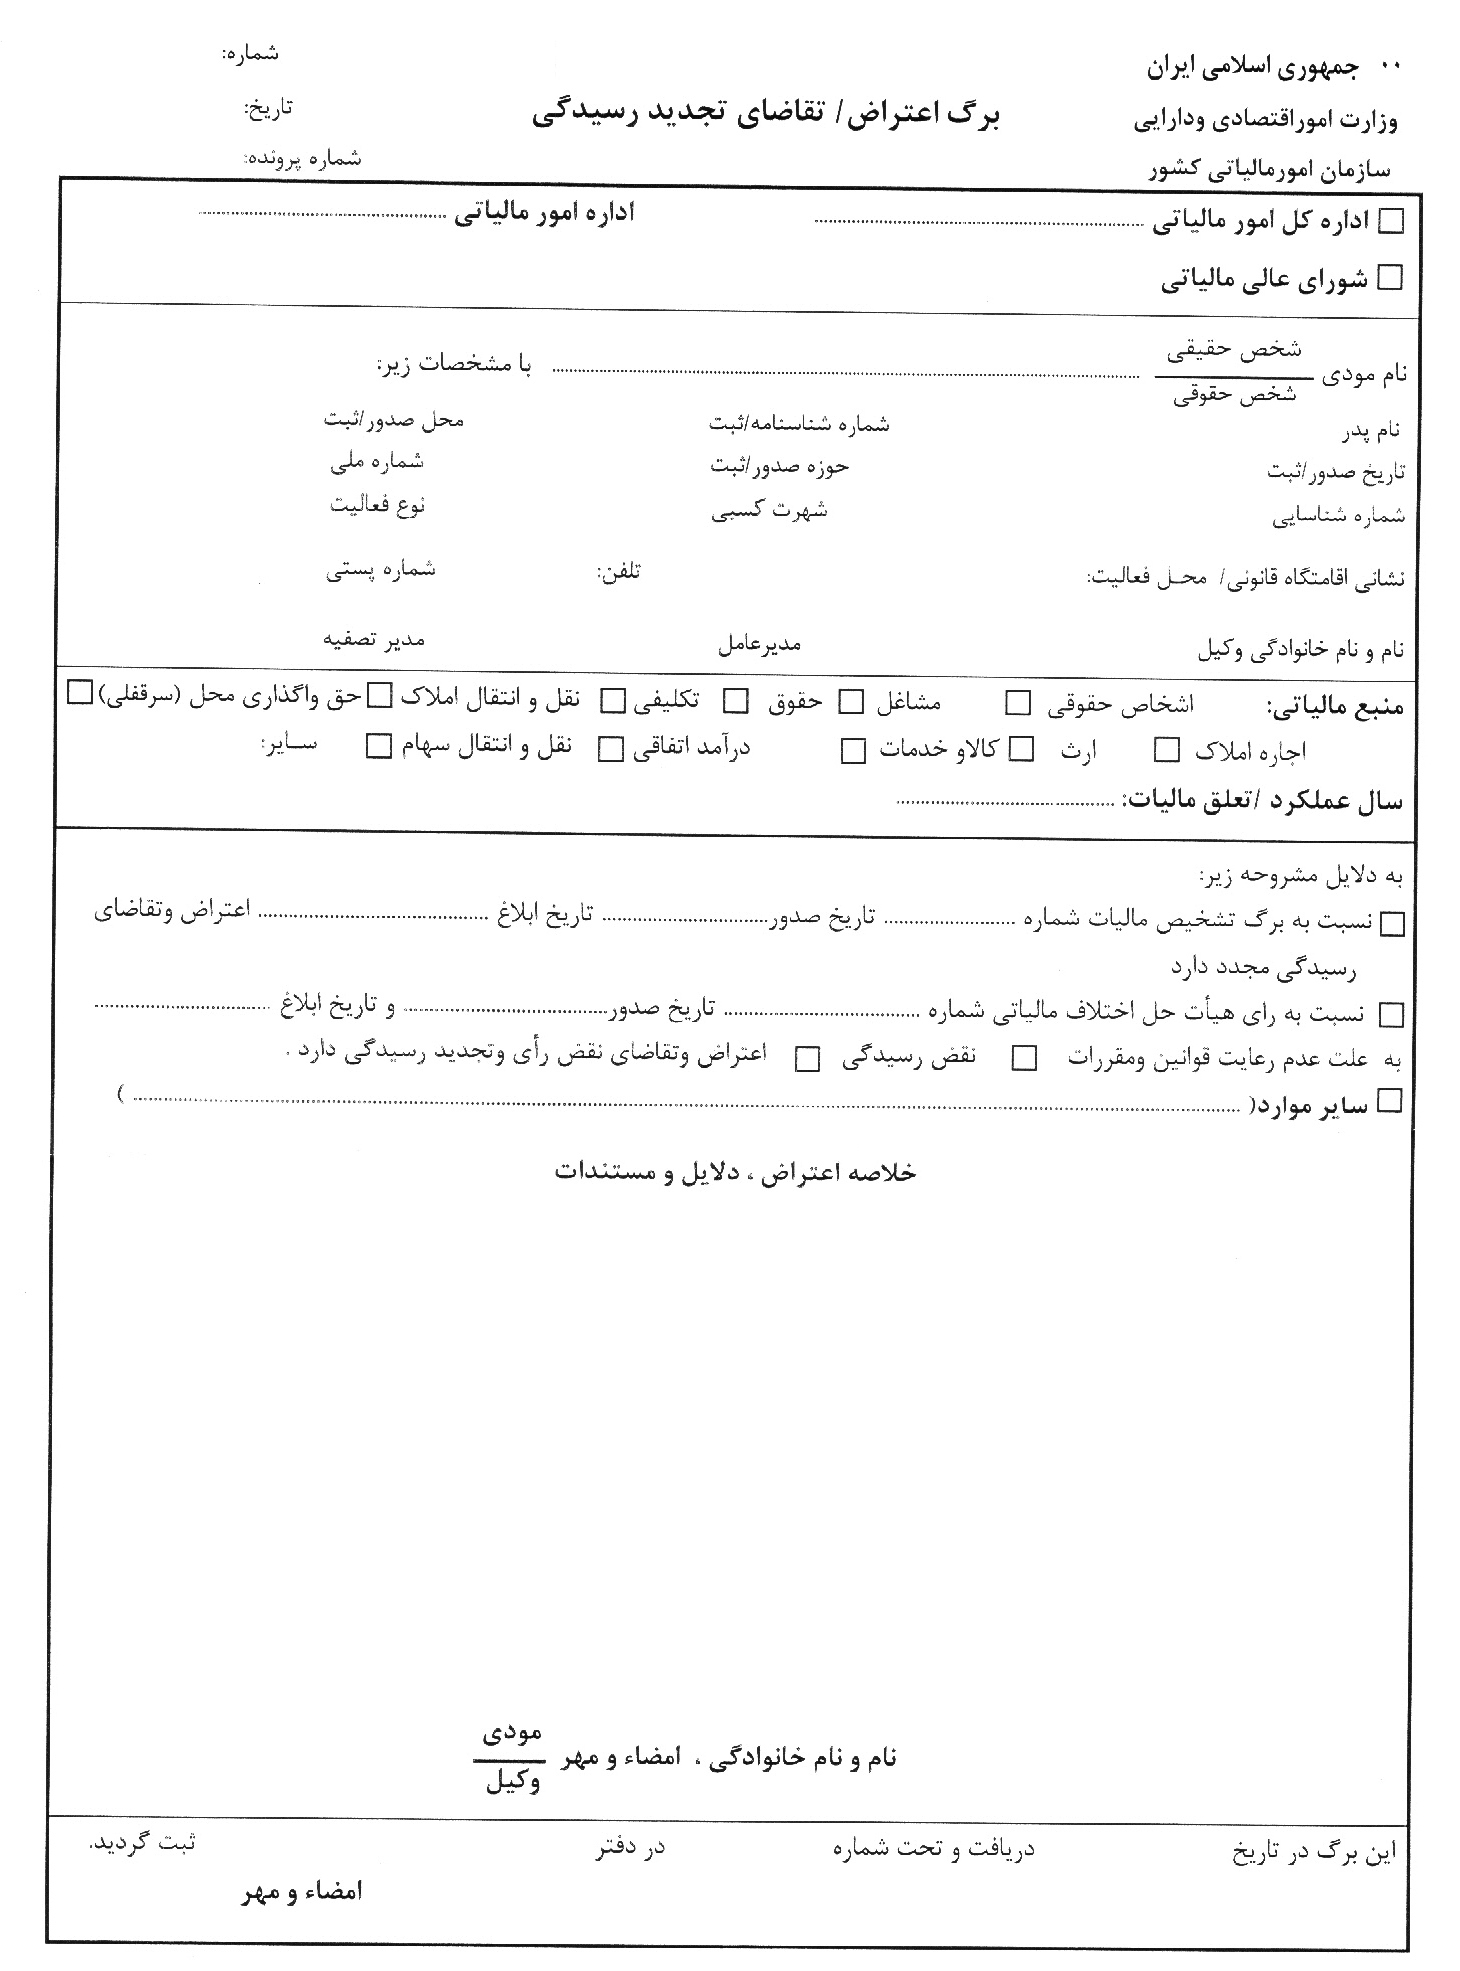 متن نامه اعتراض به مالیات